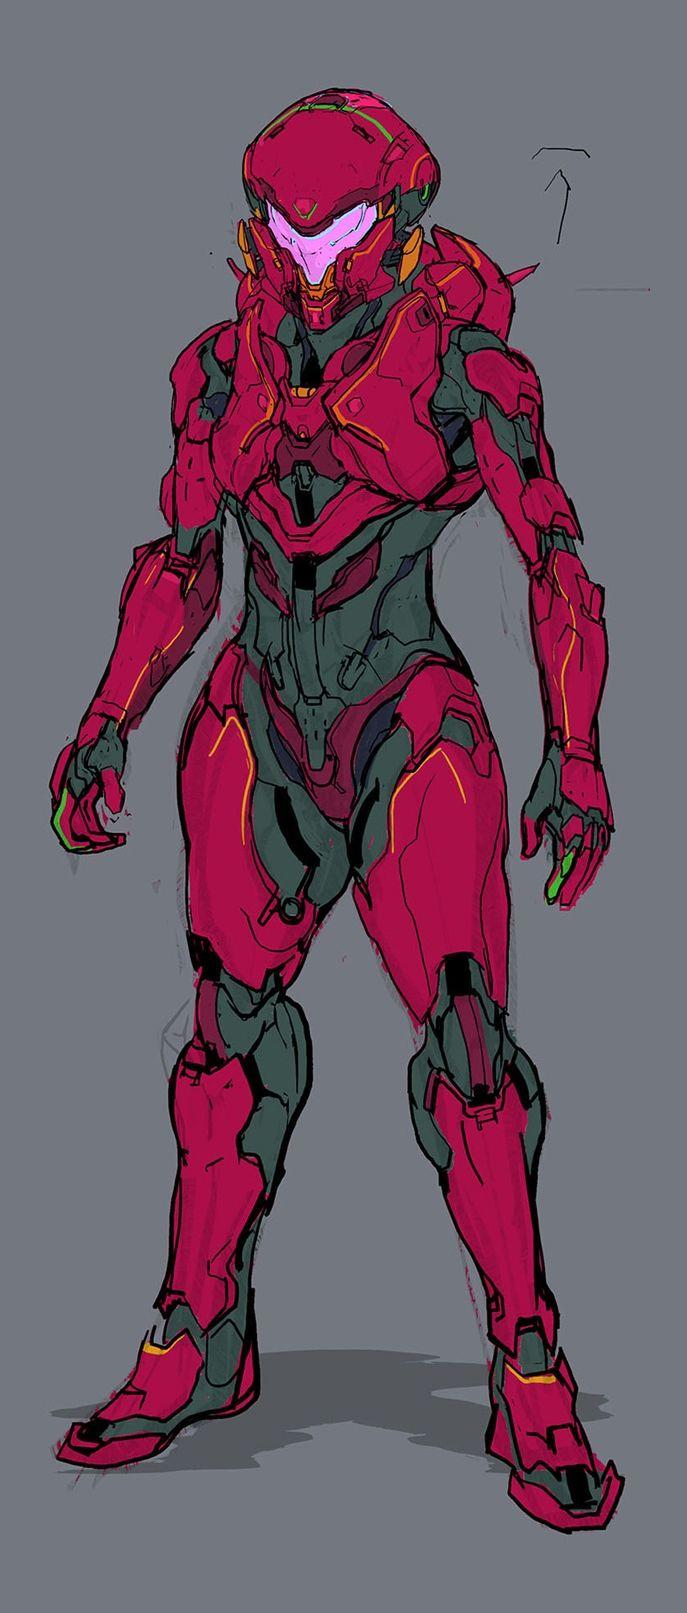 Halo 5: Guardians Concept Art   Spartan Vale